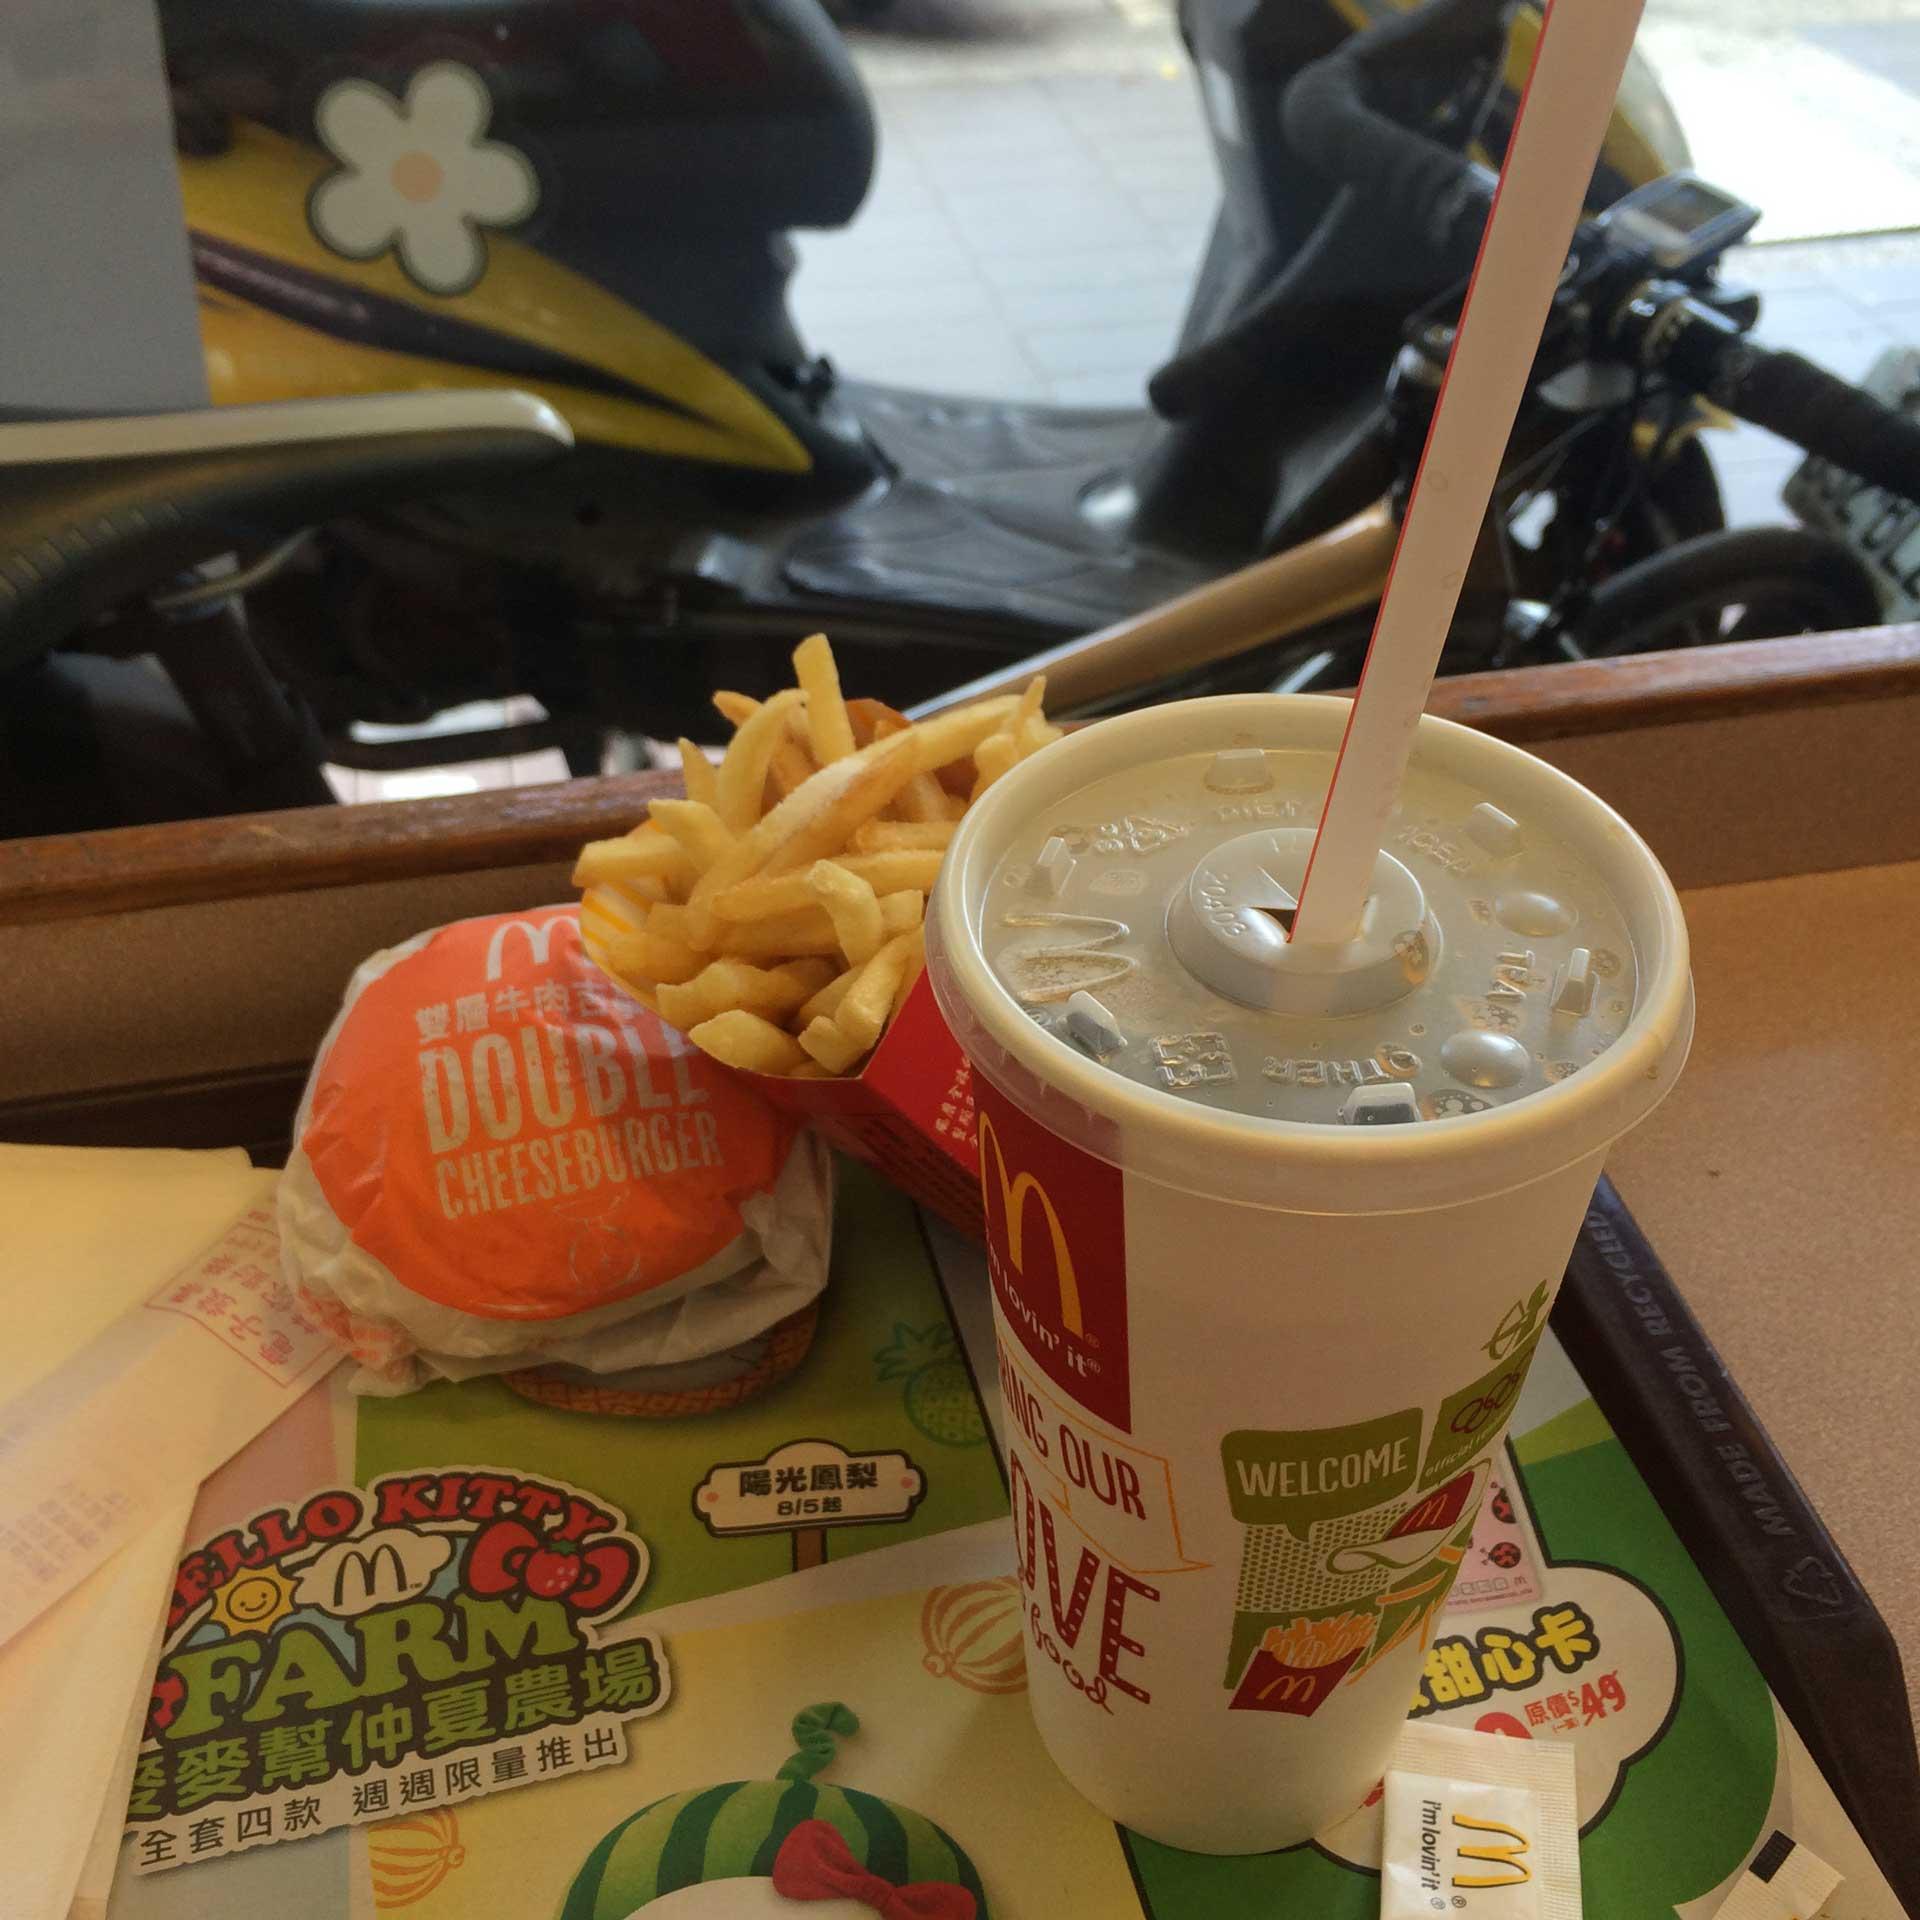 麥當勞的可樂,無可取代,覺得暢快